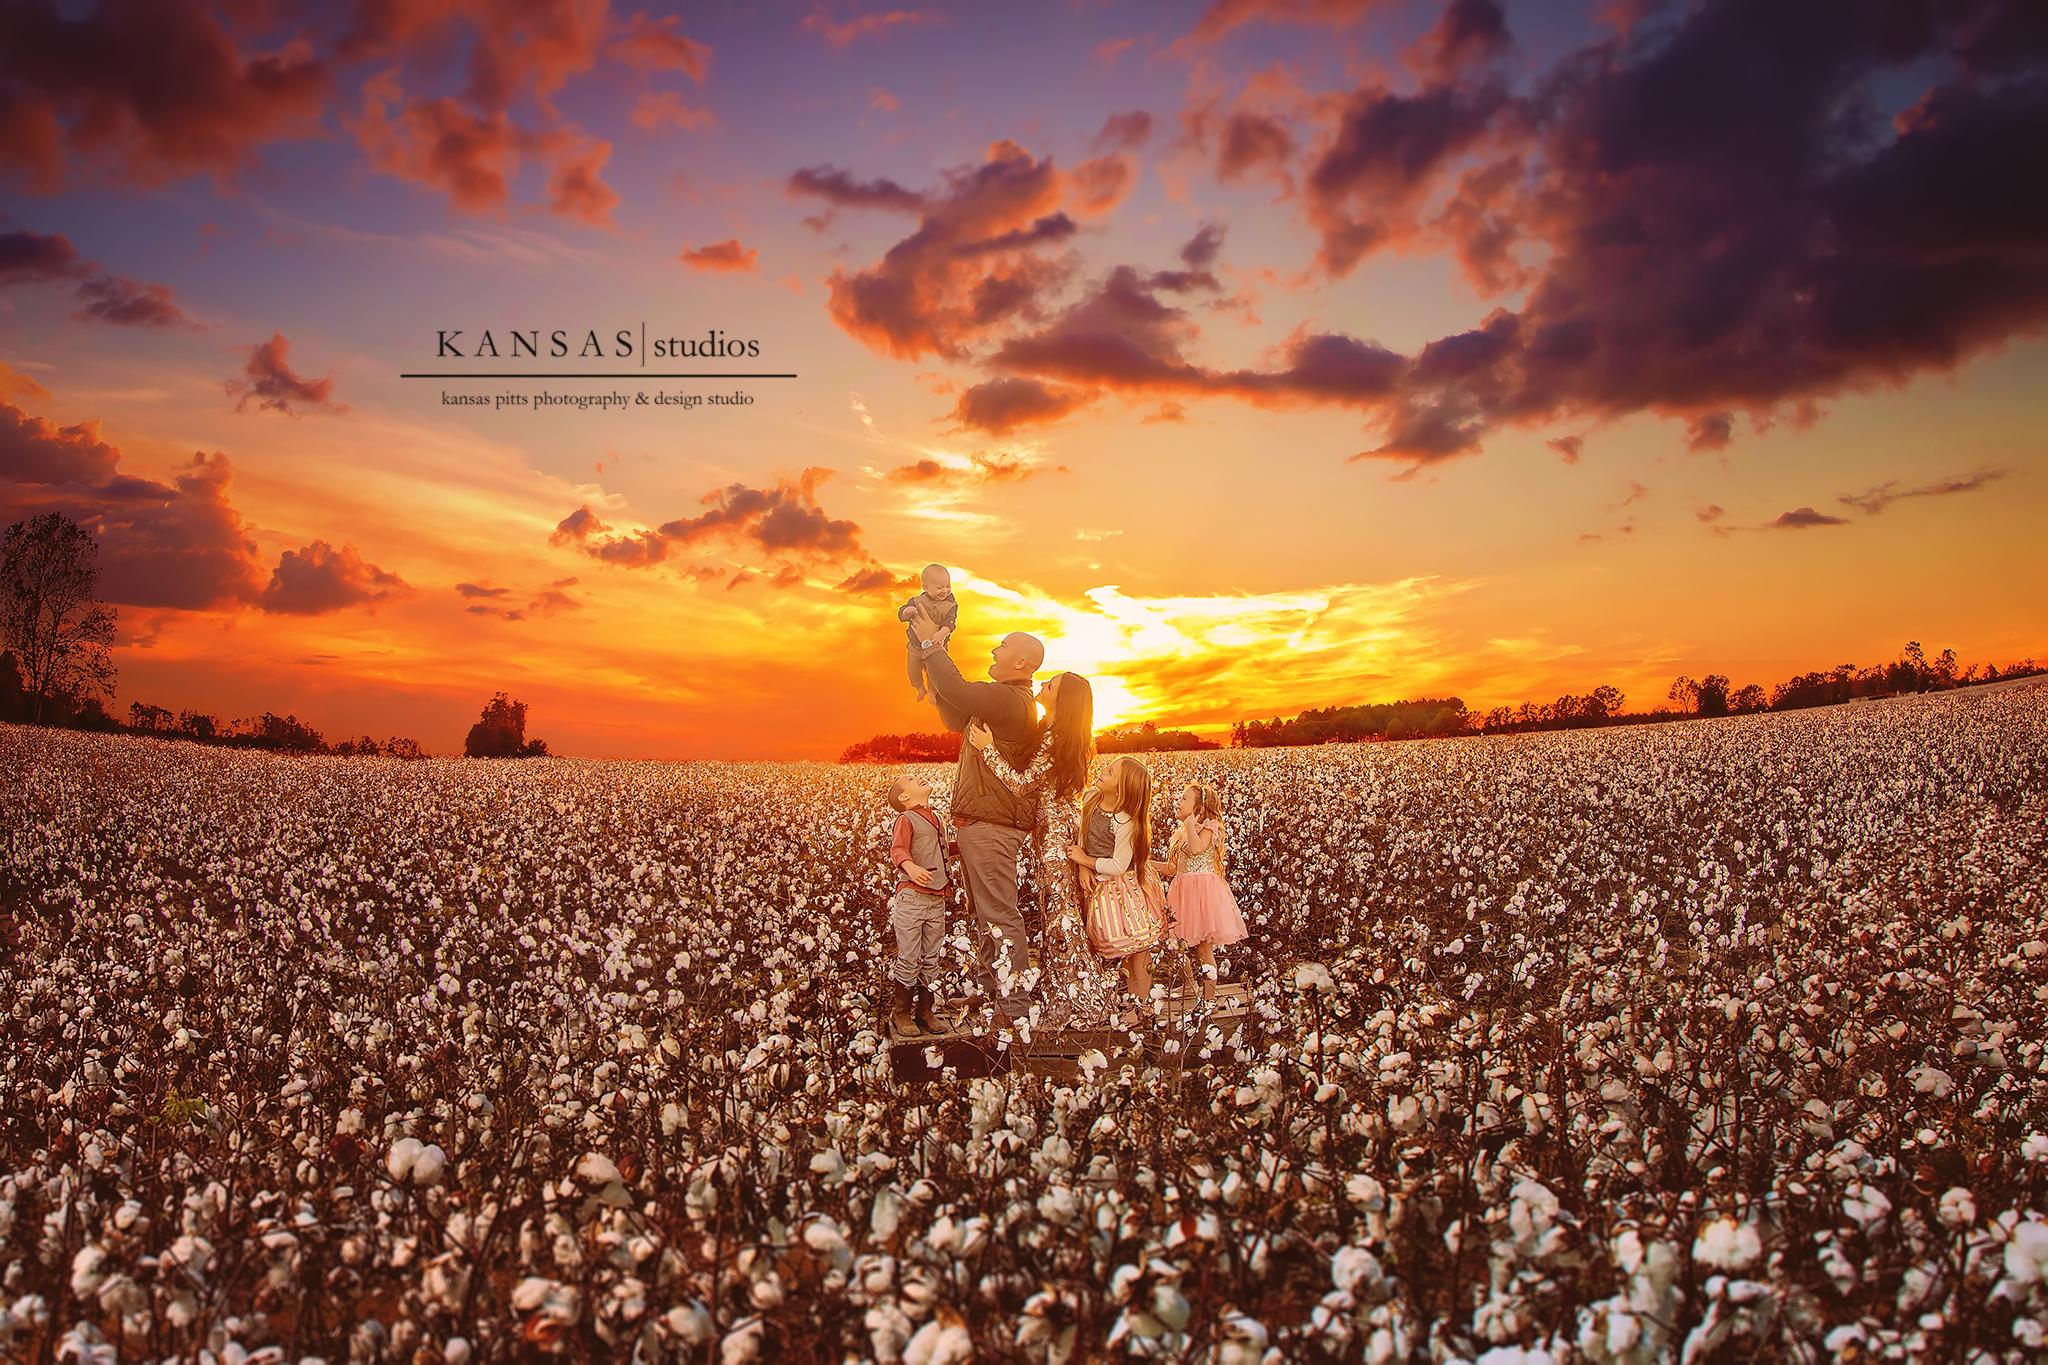 cotton fields on fire